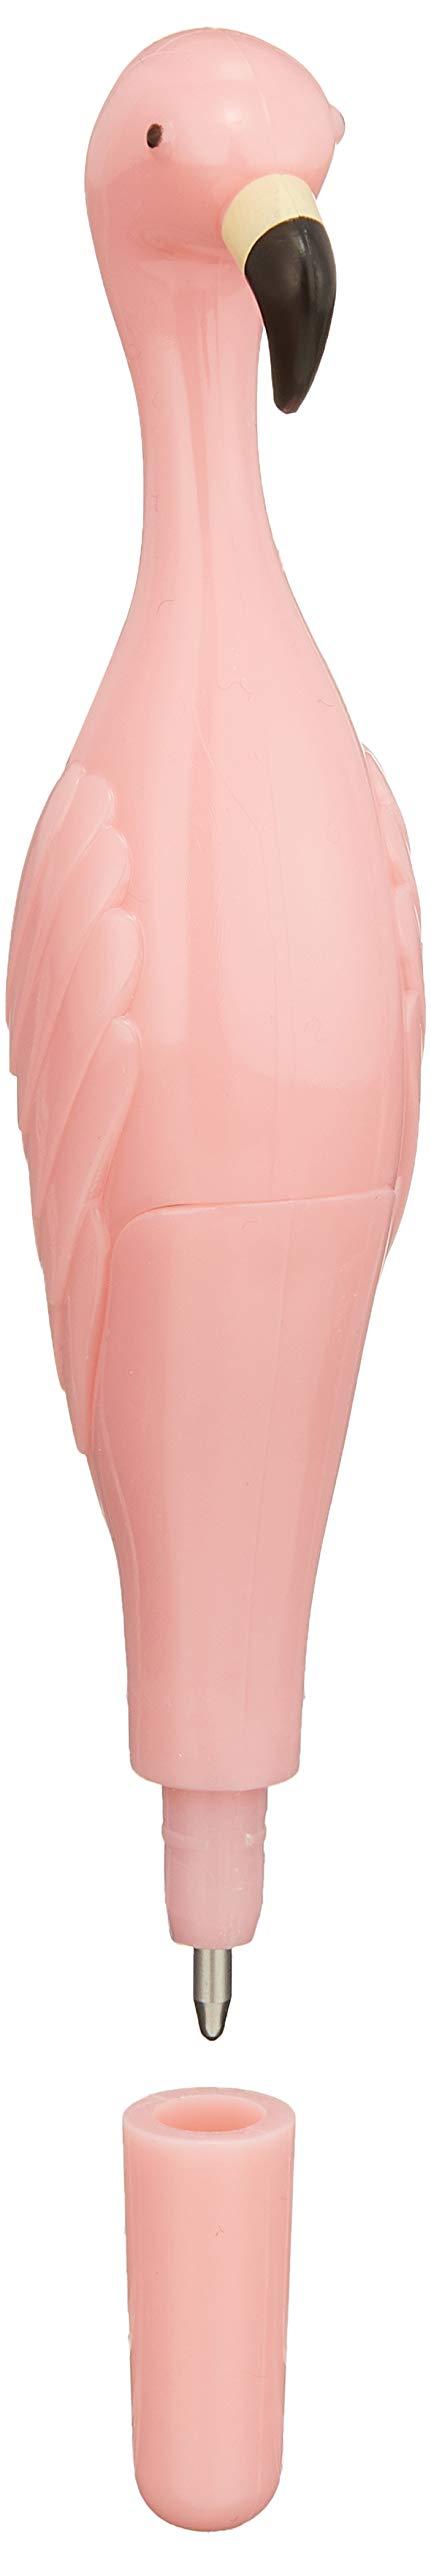 【LE STUDIO】 Flamingo Pen Set [Pink] by Le Studio